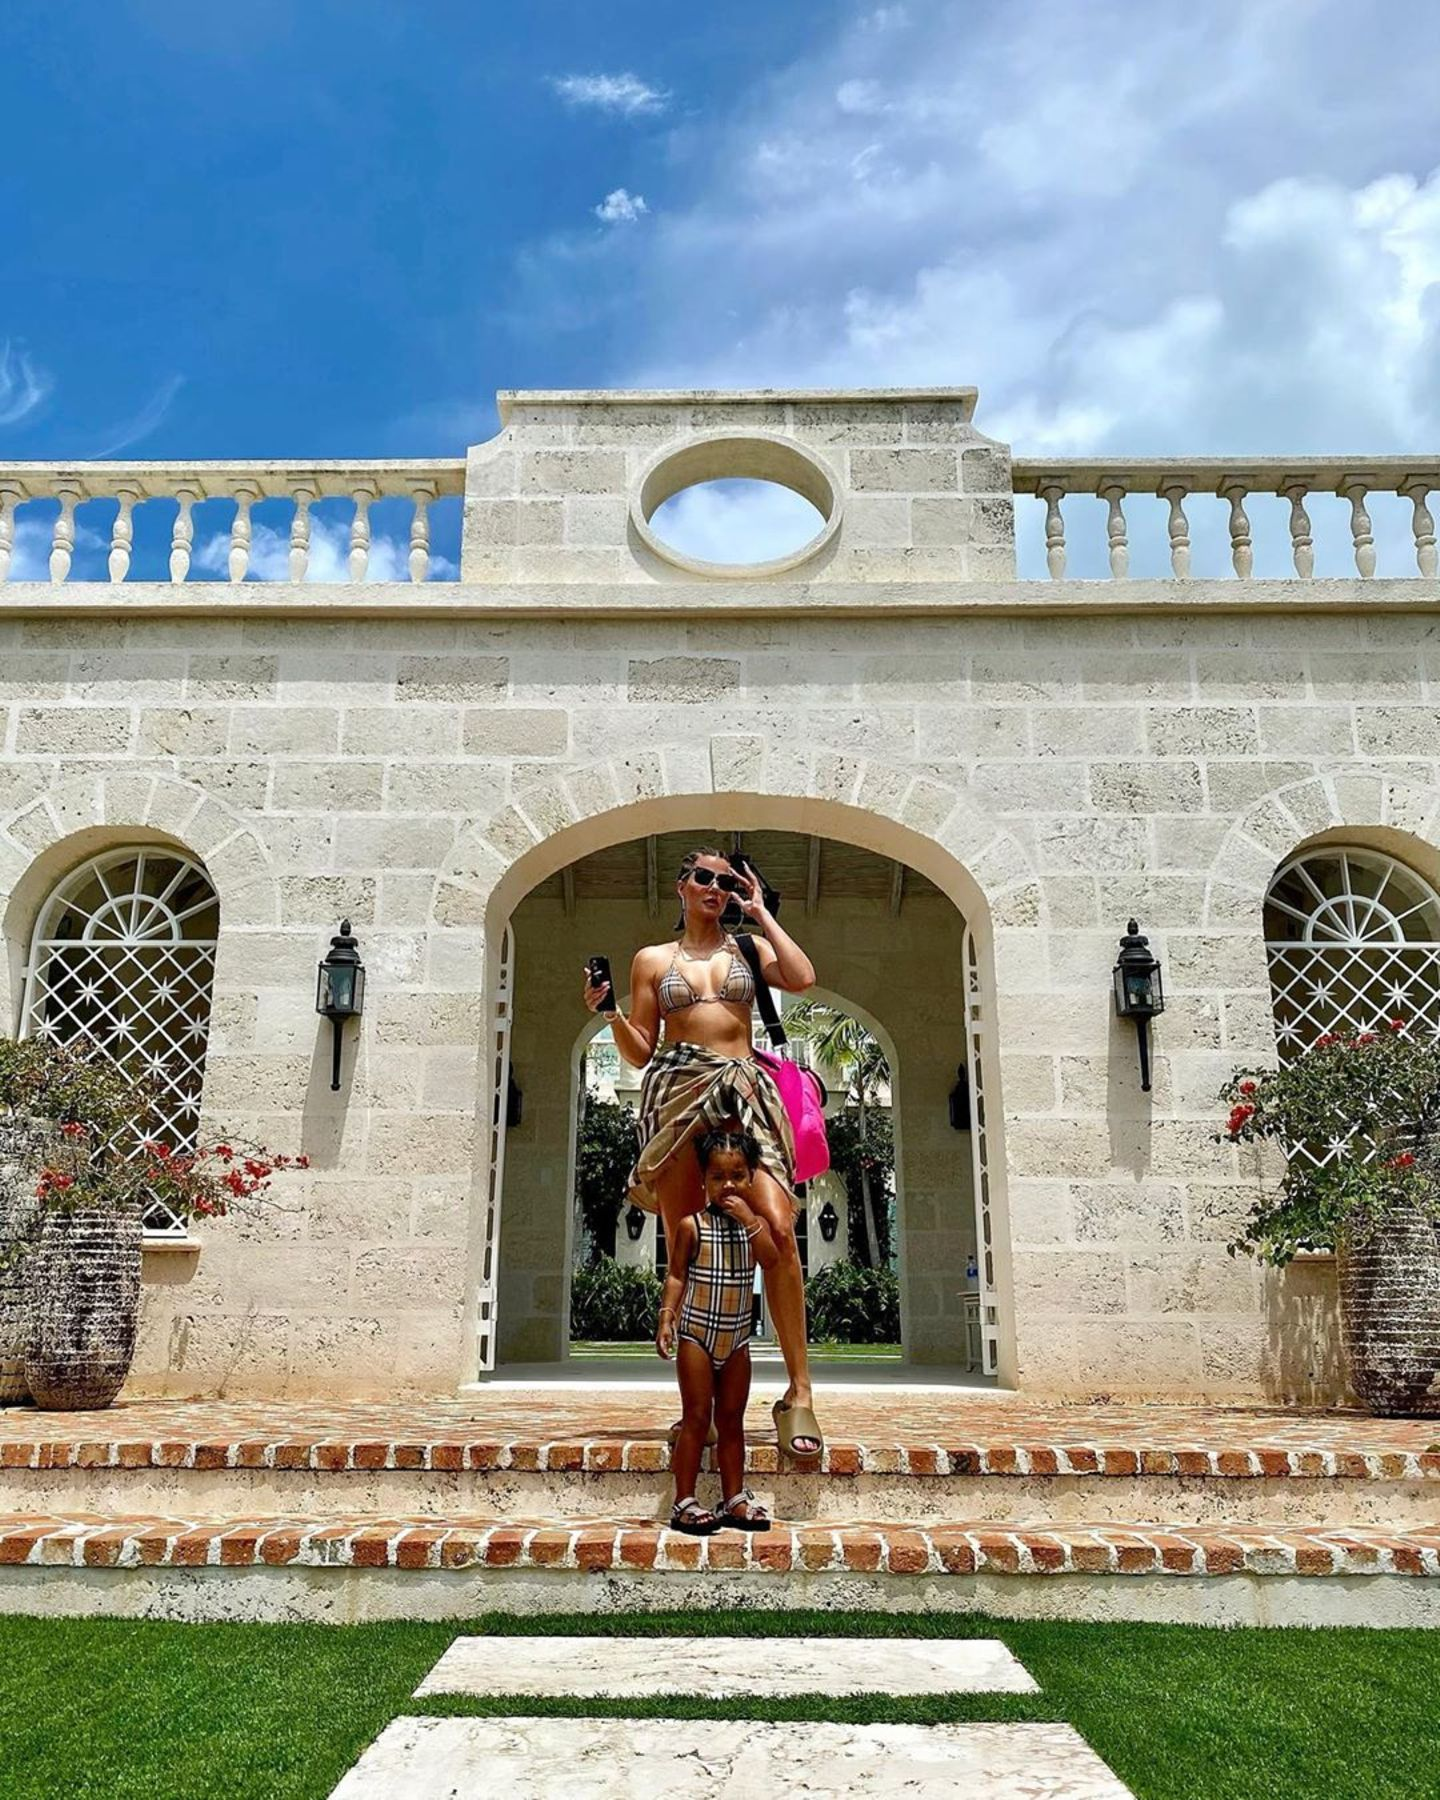 Vor traumhafter Kulisse posieren Khloé Kardashian und Töchterchen True im Partnerlook. True trägt einen Burberry-Badeanzug für rund 110 Euro, Khloé trägt das ikonische Karoauf einem Bikini (Preis rund 300 Euro), dazu kombiniert sie einen Pareo - ebenfalls von Burberry (Preis circa 350 Euro).